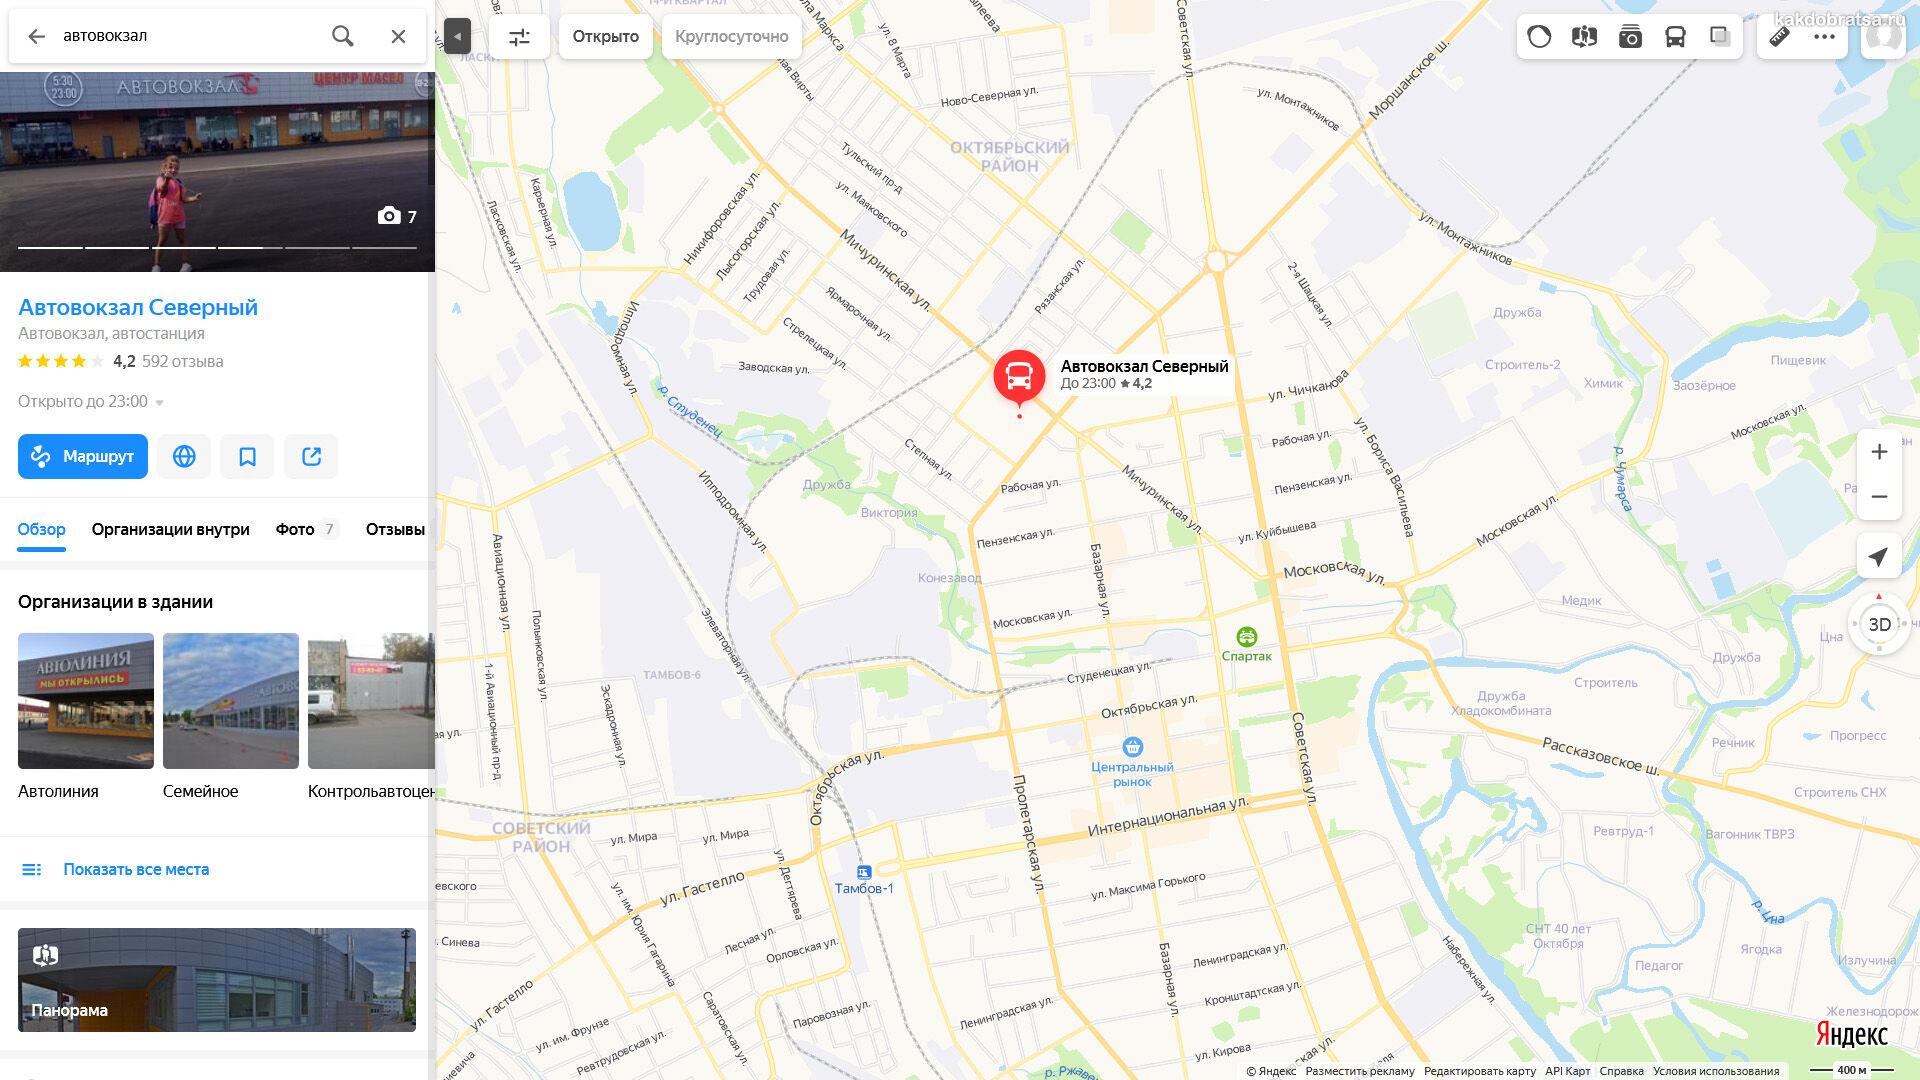 Автовокзал Северный в Тамбове на карте и расстояние до жд